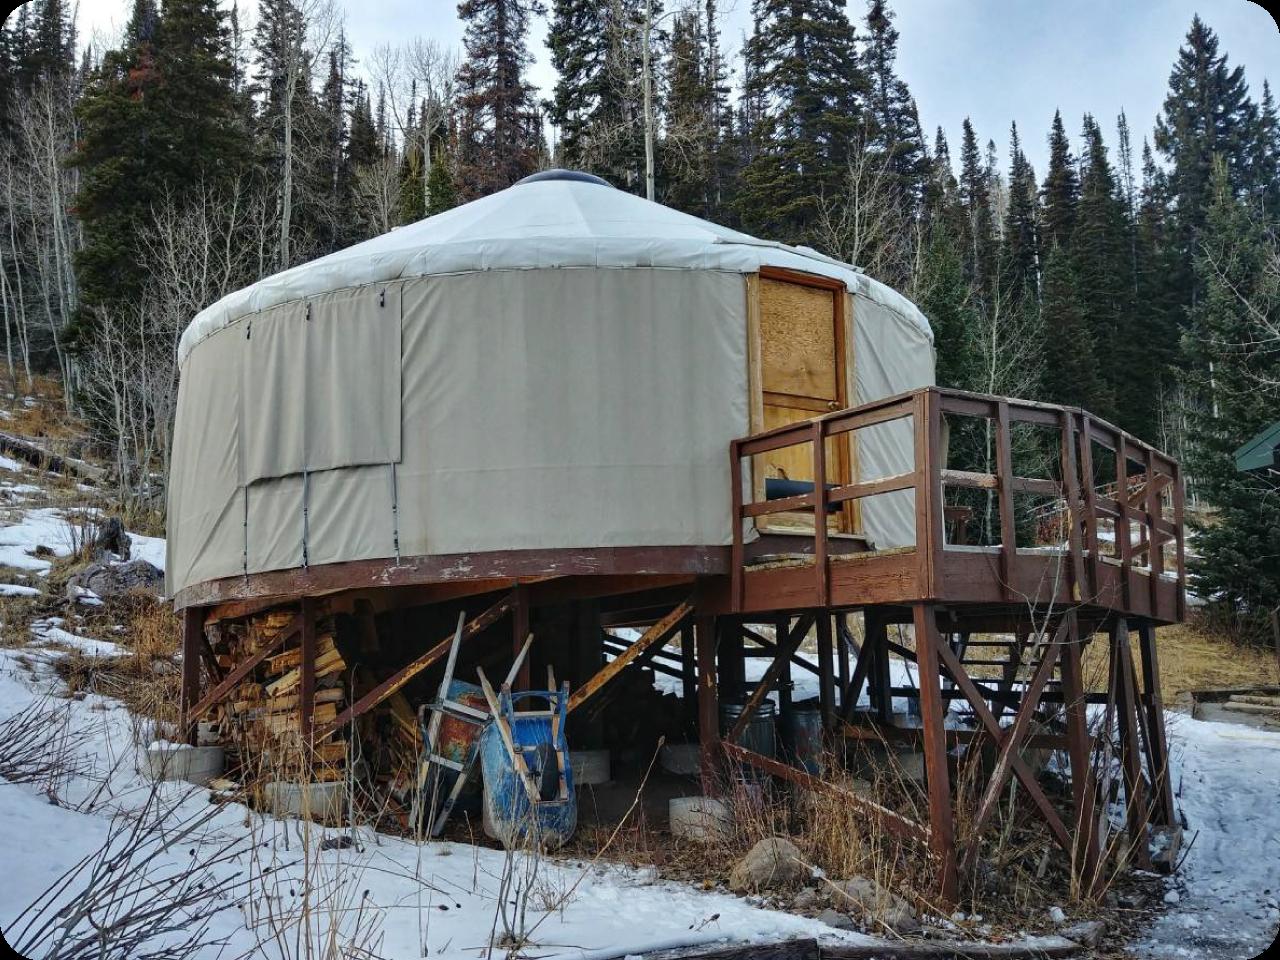 Camp Rental - YMCA of Northern Utah